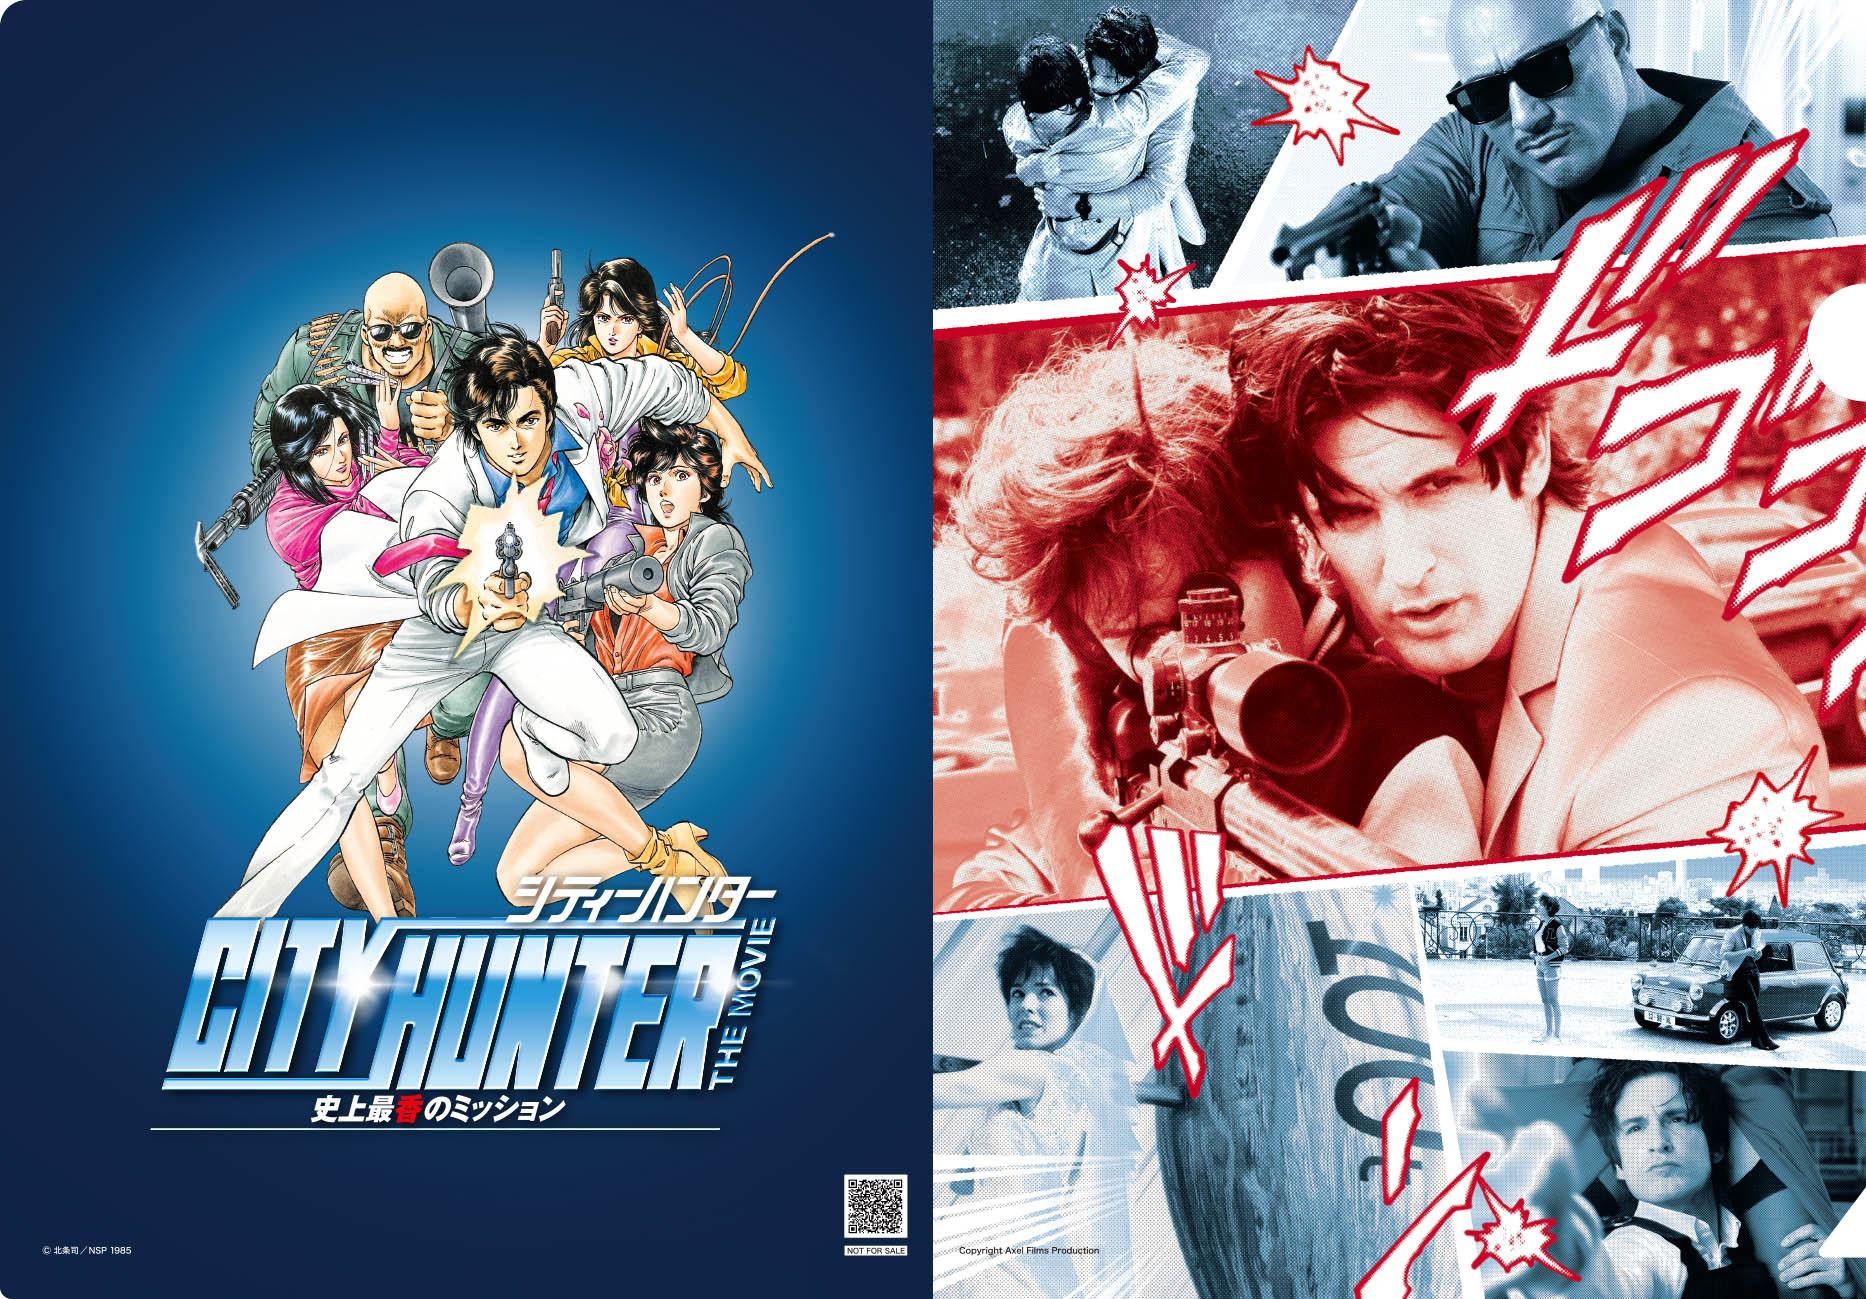 ムビチケ特典クリアファイル【Bサエバver】 (C)AXEL FILMS PRODUCTION - BAF PROD - M6 FILMS